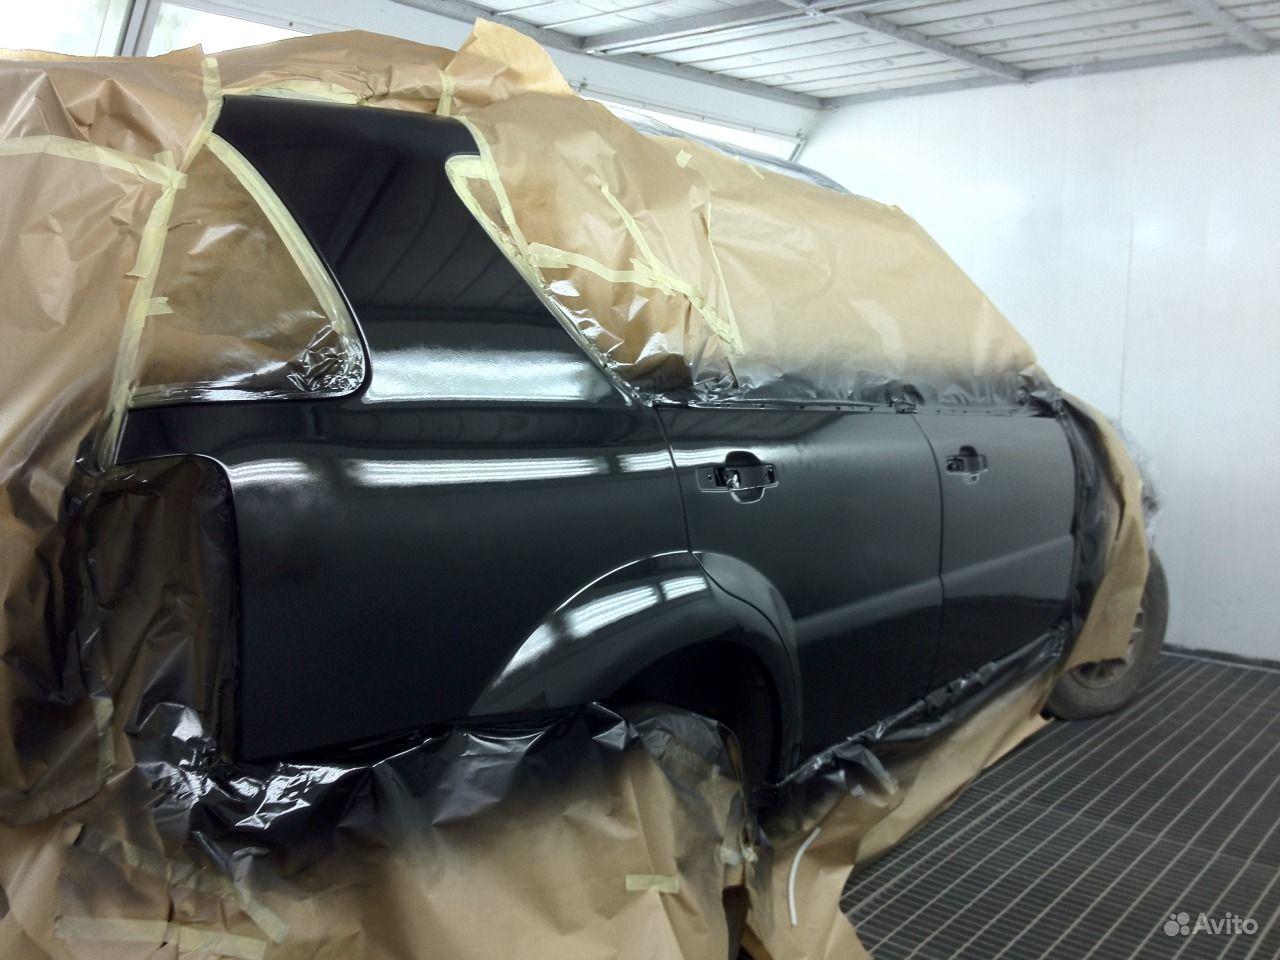 Покраска пластиковых деталей автомобиля в